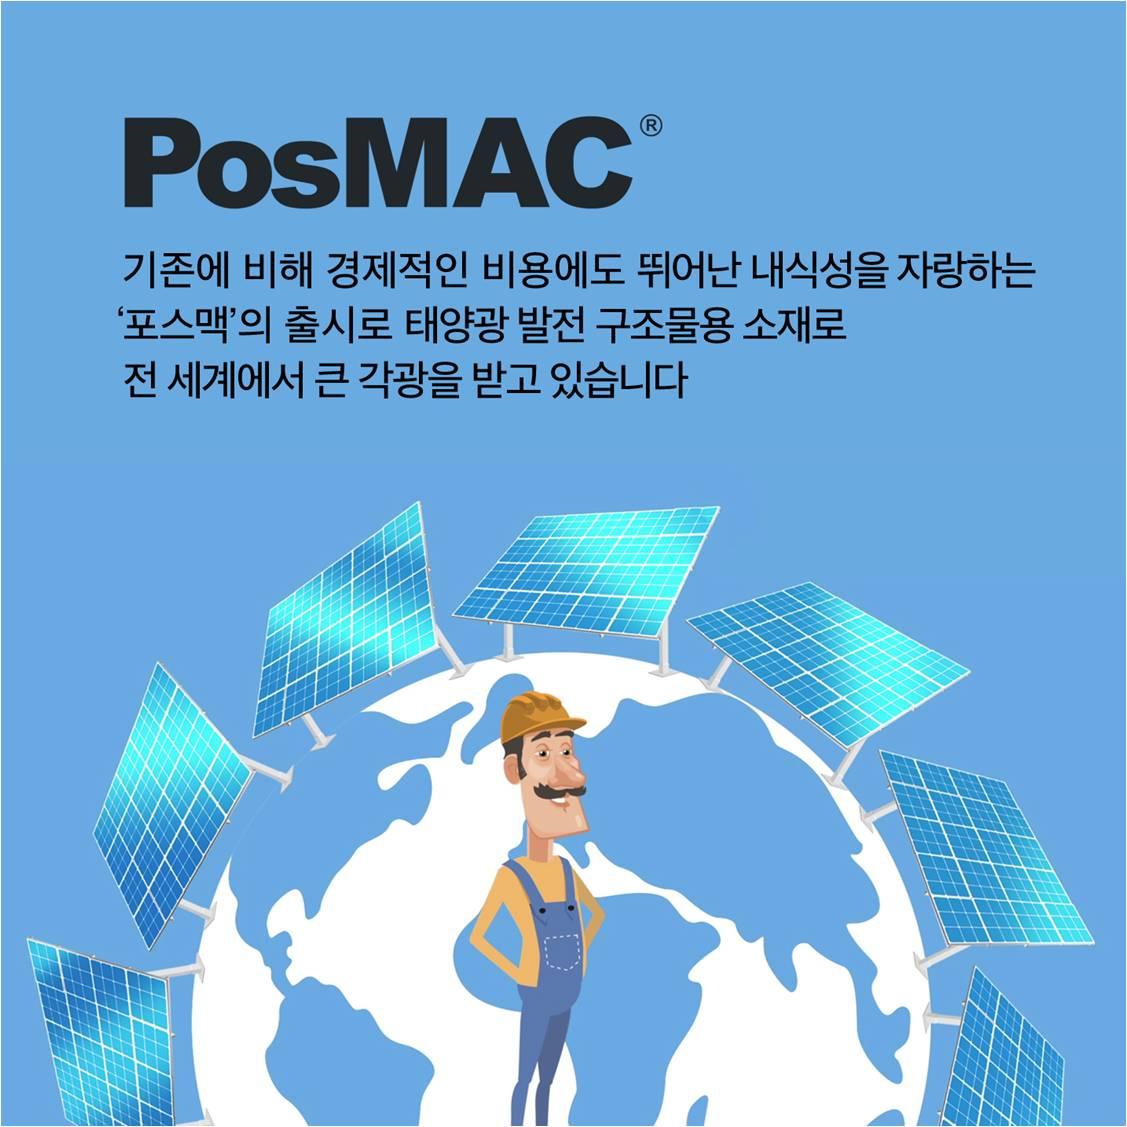 PosMAC 기존에 비해 경제적인 비용에도 뛰어난 내식성을 자랑하는 '포스맥'의 출시로 태양광 발전 구조물용 소재로 전 세계에서 큰 각광을 받고 있습니다.